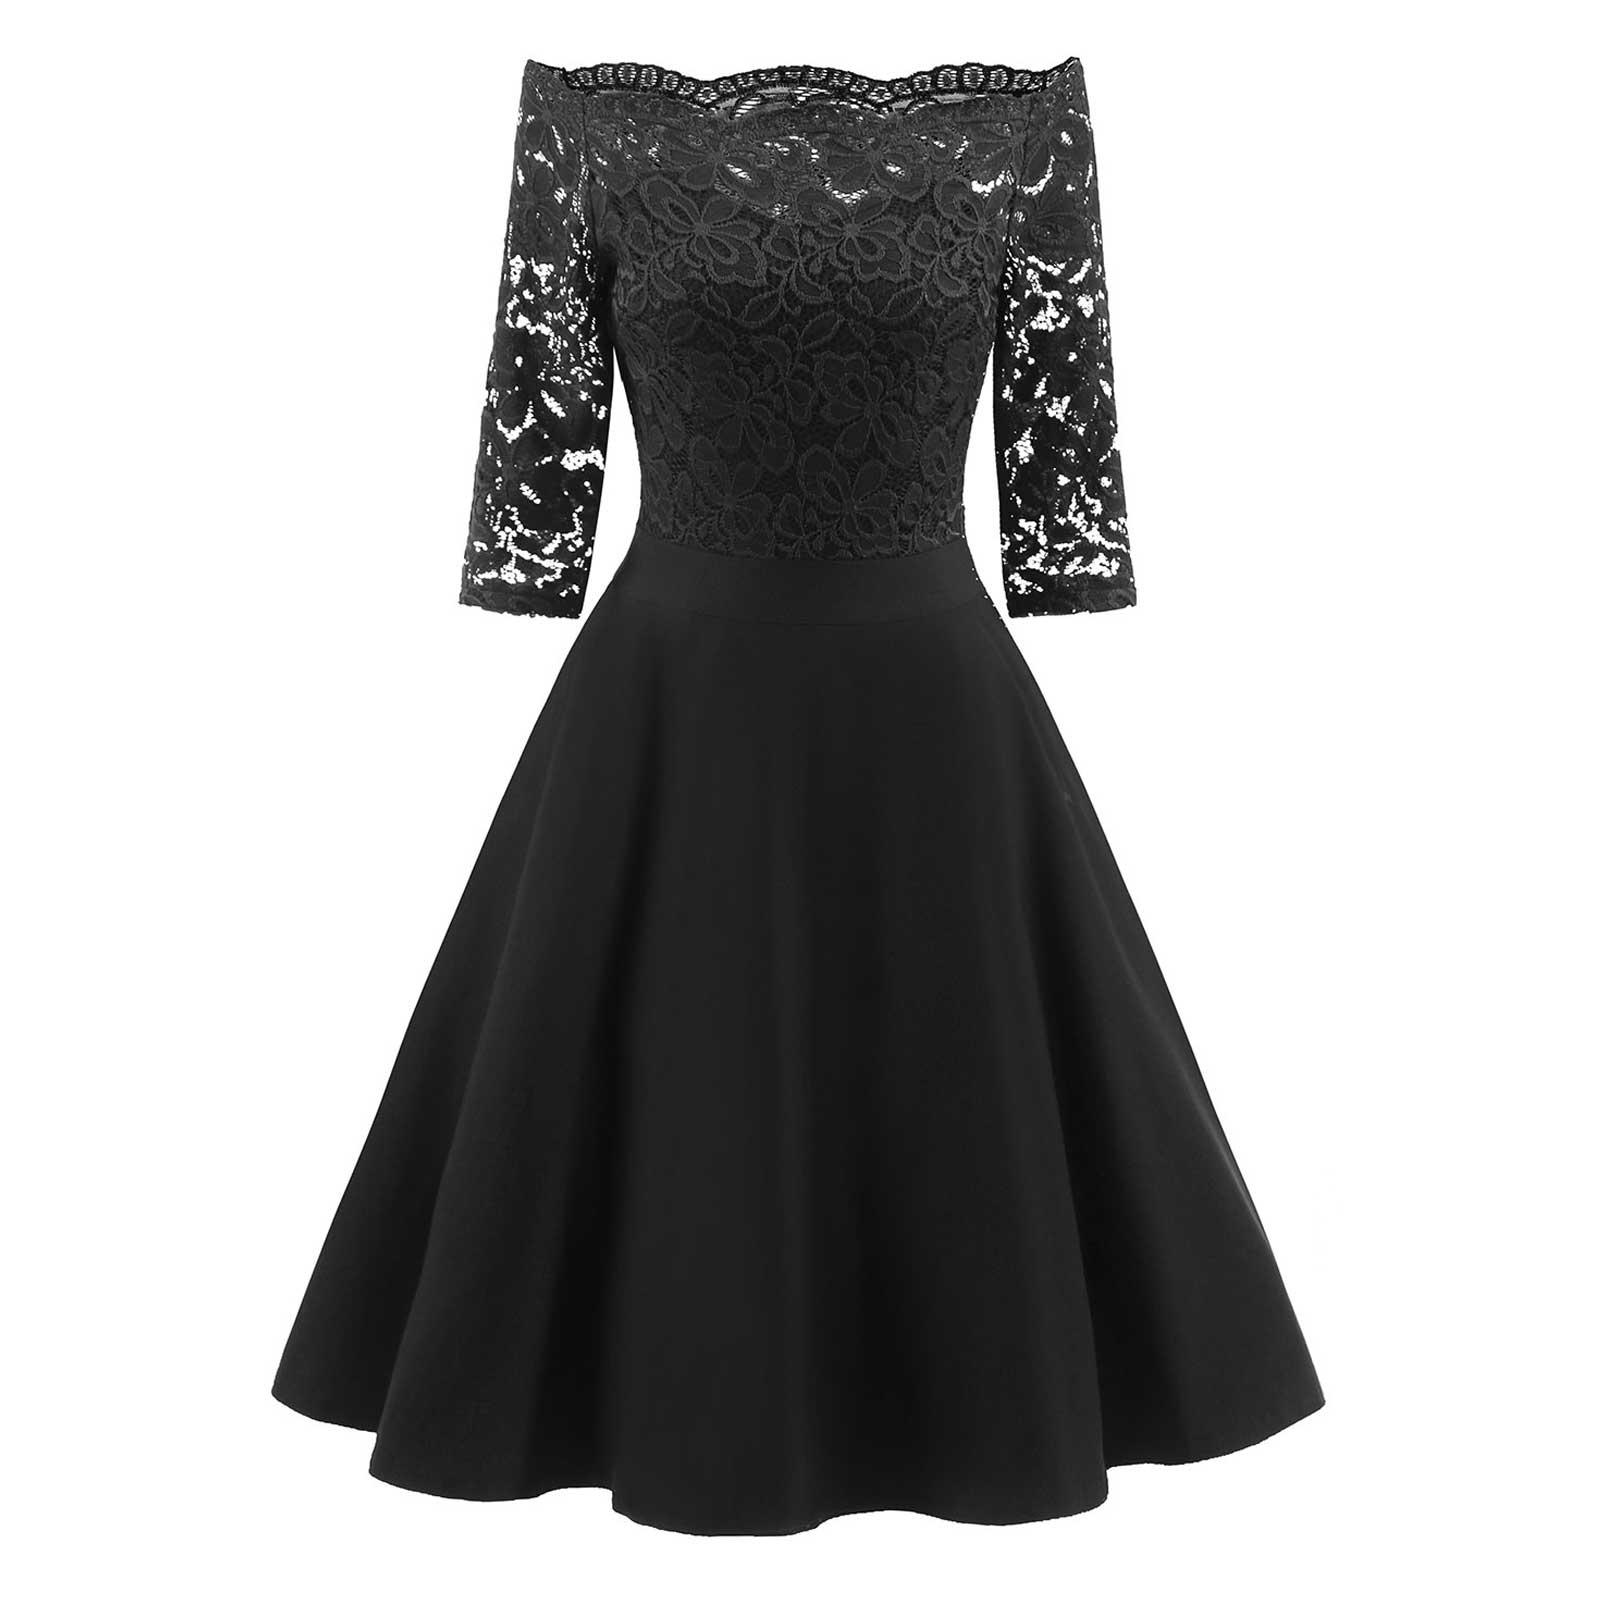 05314c5a0c40 Vintage Floral Lace Off Shoulder Formal Swing Wedding Evening A-line Dress